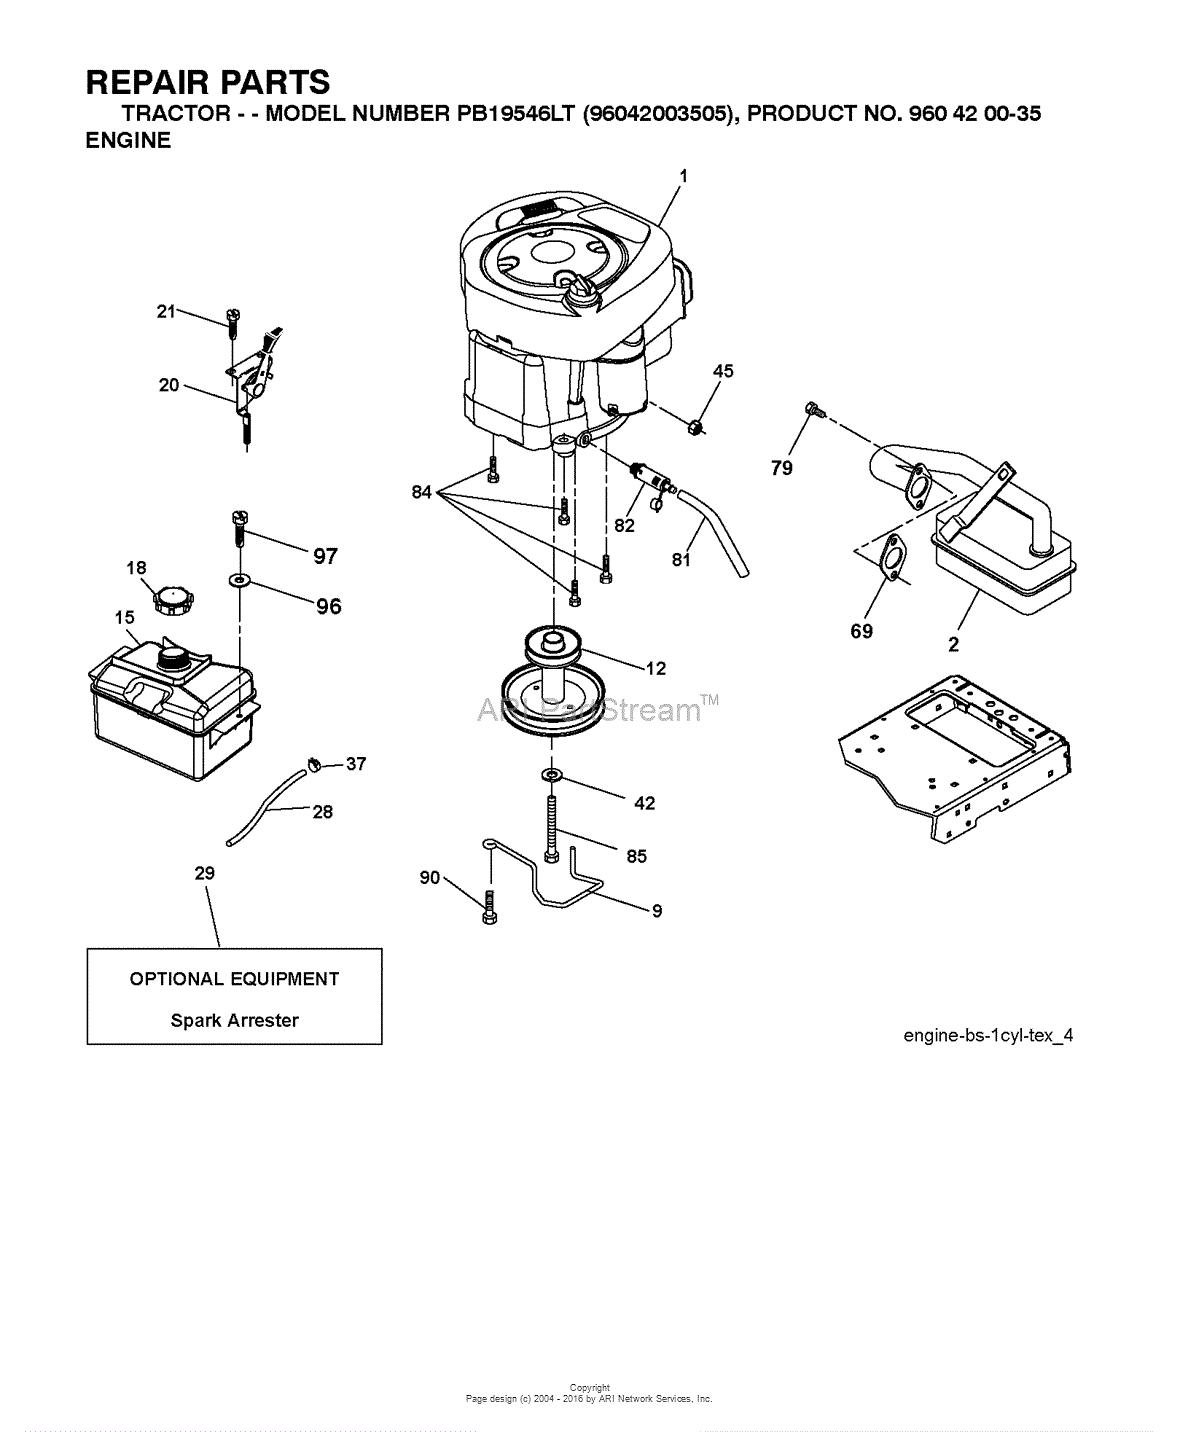 Poulan PB19546LT - 96048001700 (2010-12) Parts Diagram for ENGINE